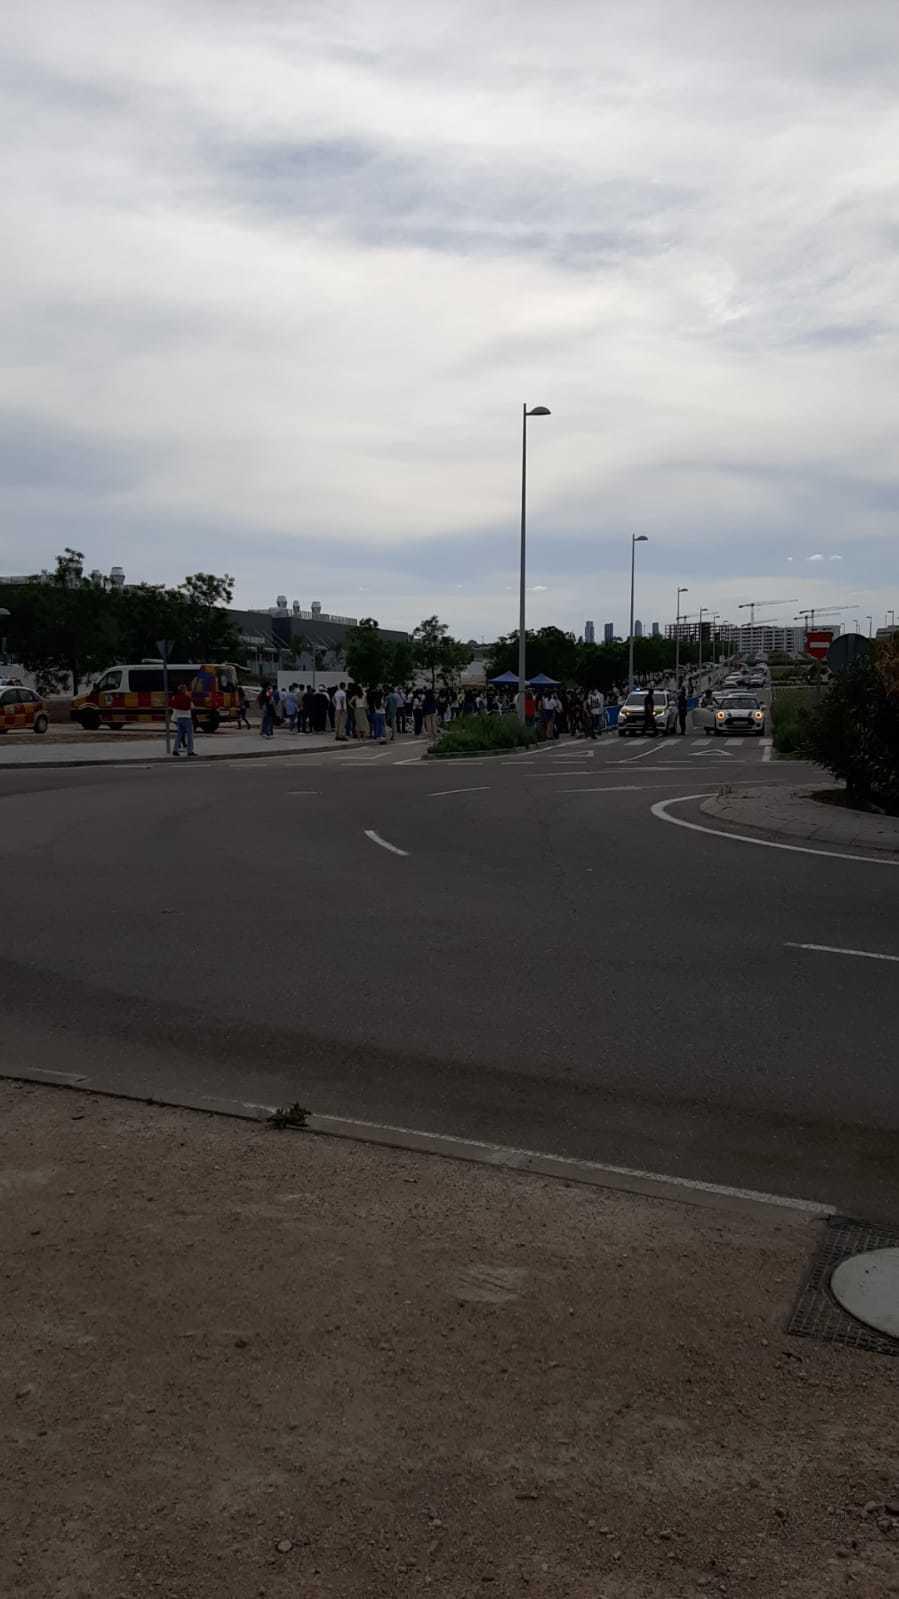 Estudiantes esperando para entrar en el Hospital Isabel Zendal.